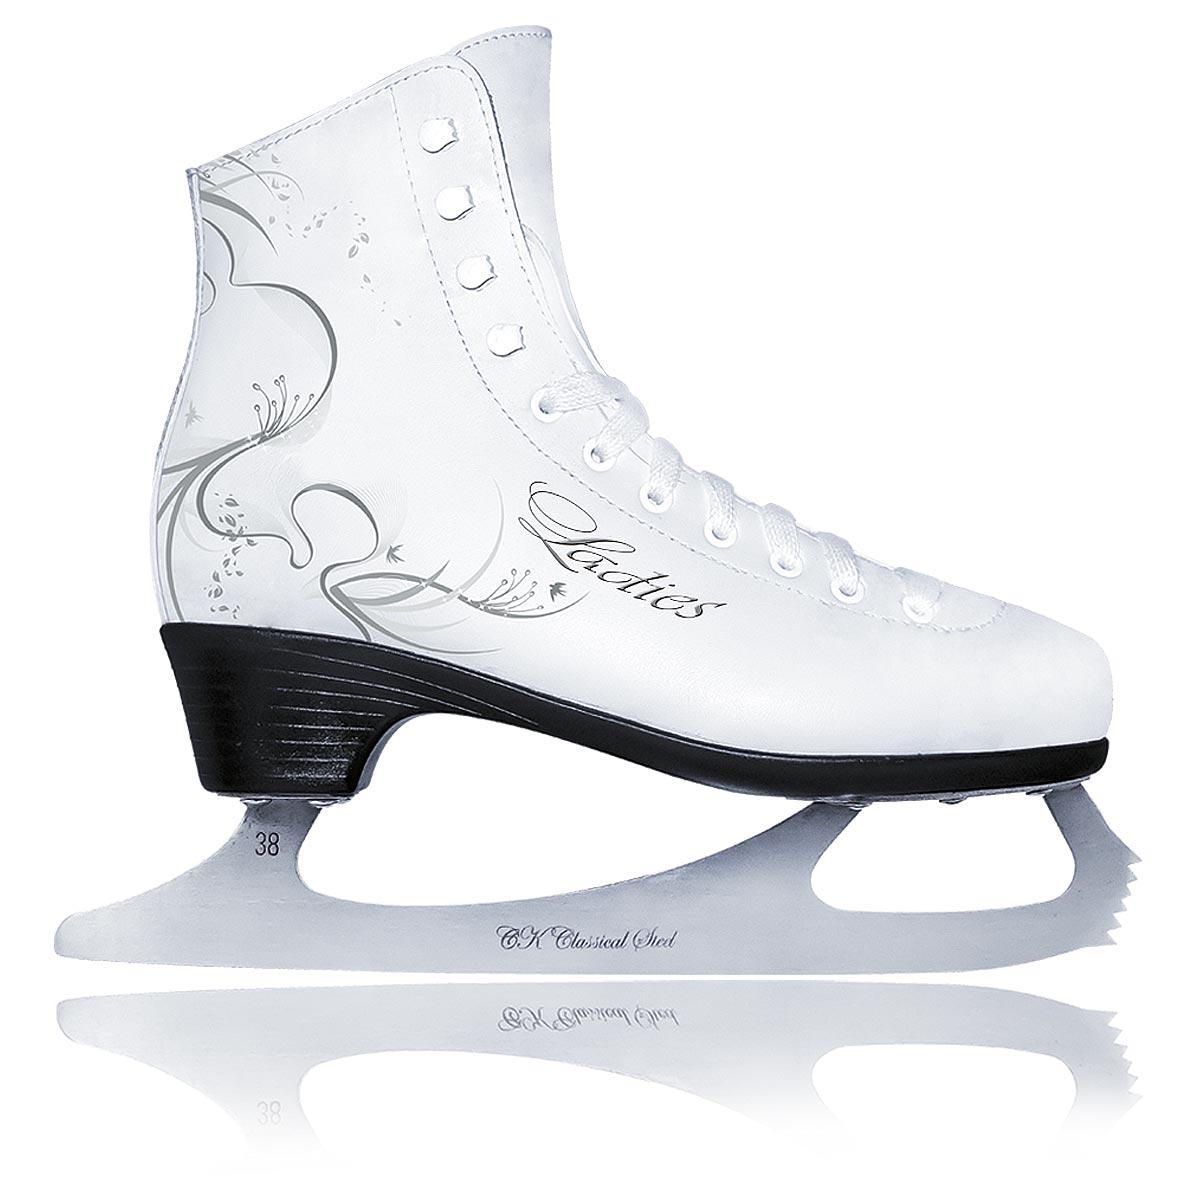 Коньки фигурные для девочки СК Ladies Lux Leather, цвет: белый. Размер 35LADIES LUX leather_белый_35